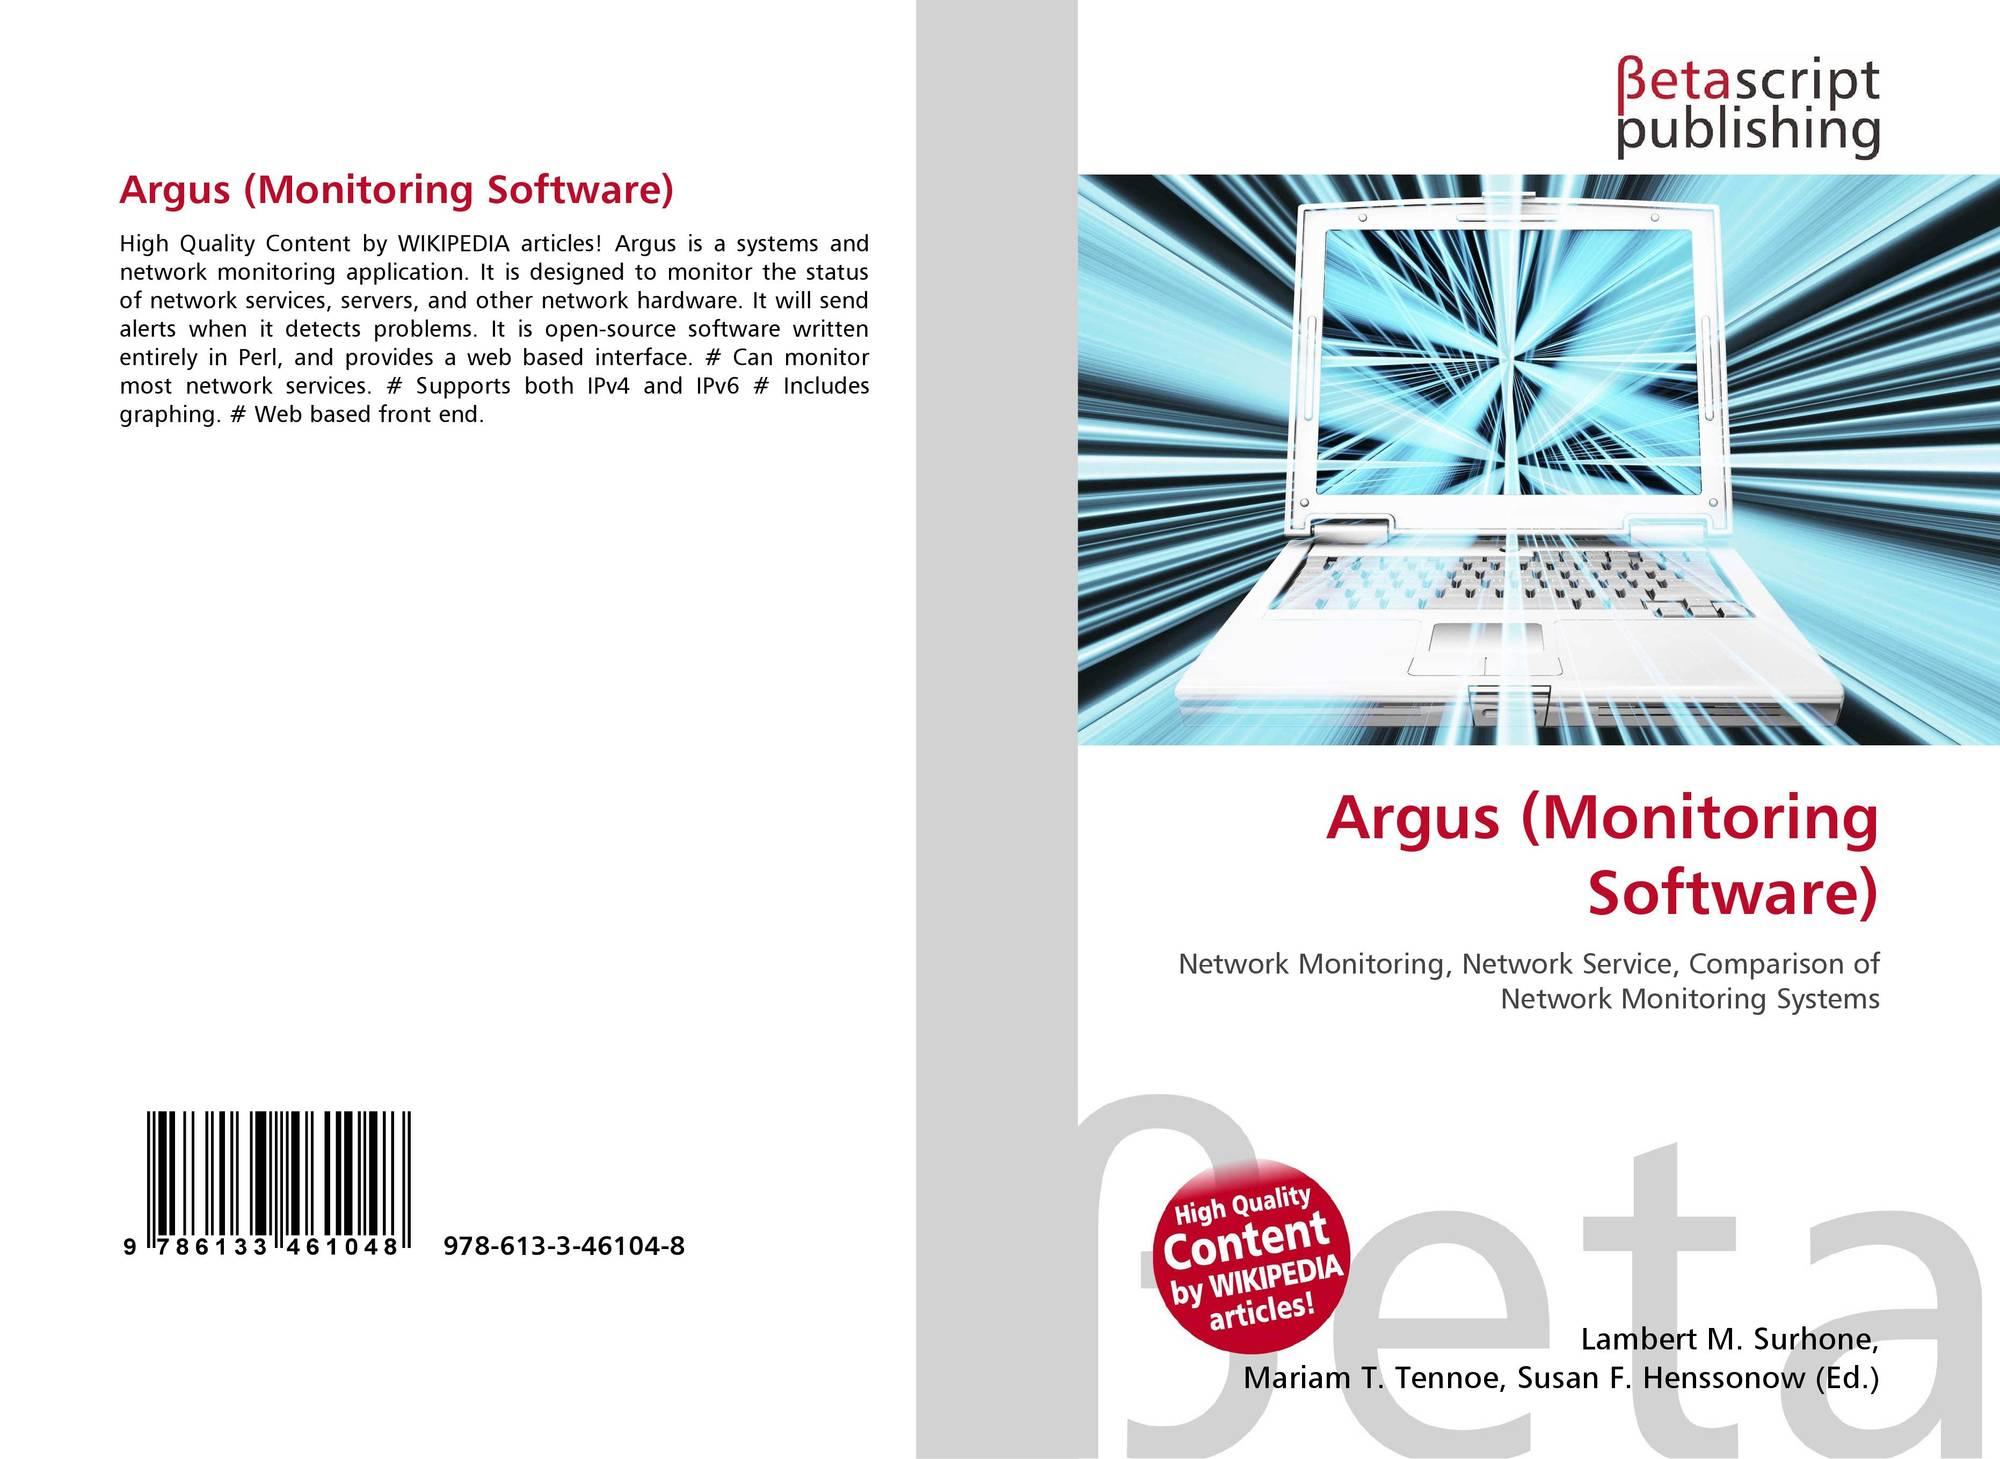 Argus (Monitoring Software), 978-613-3-46104-8, 6133461047